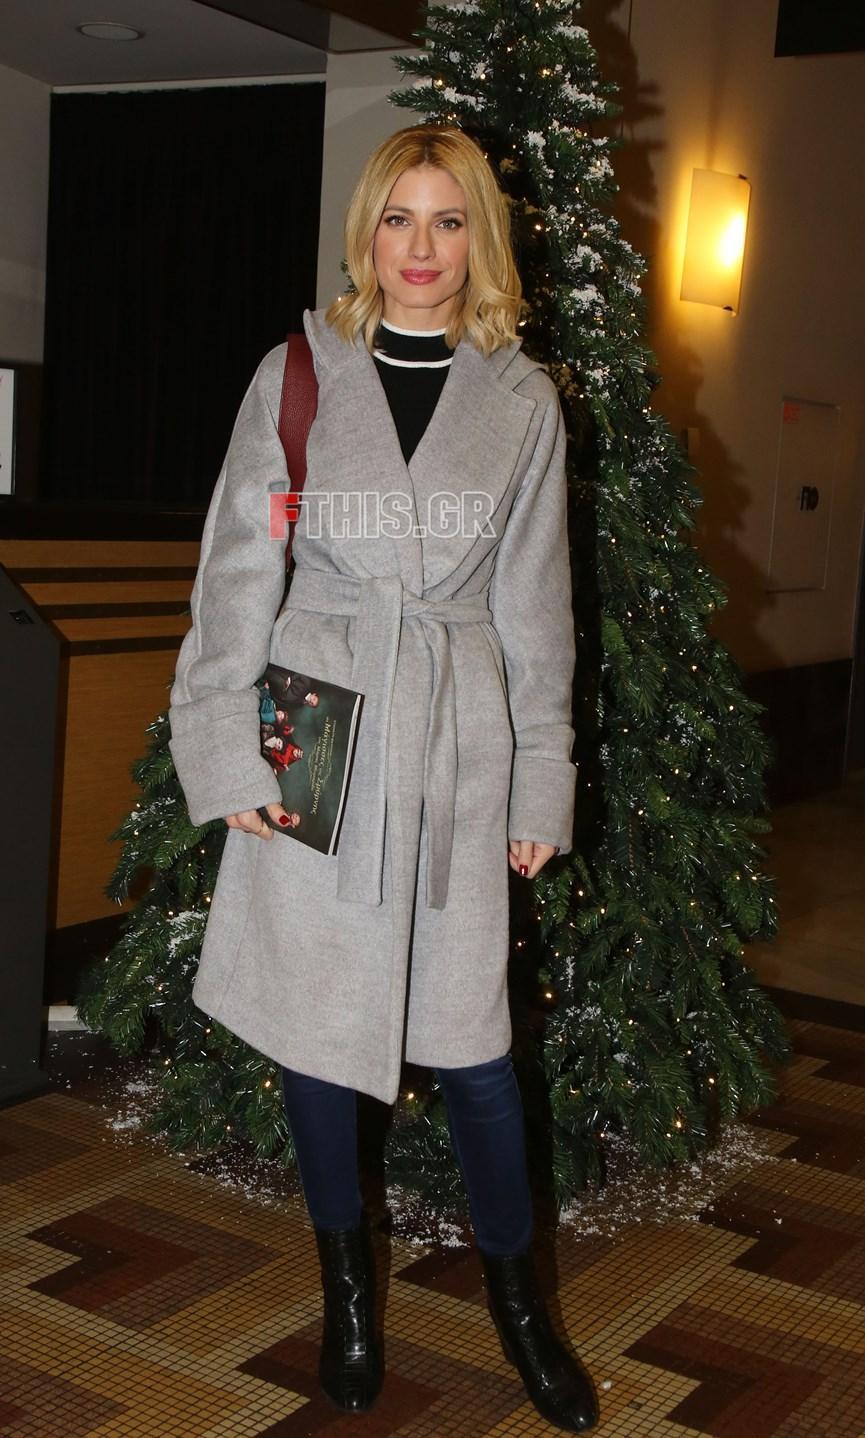 Το παλτό της Ευαγγελίας Αραβανή είναι η πιο έξυπνη αγορά με το δώρο Χριστουγέννων!